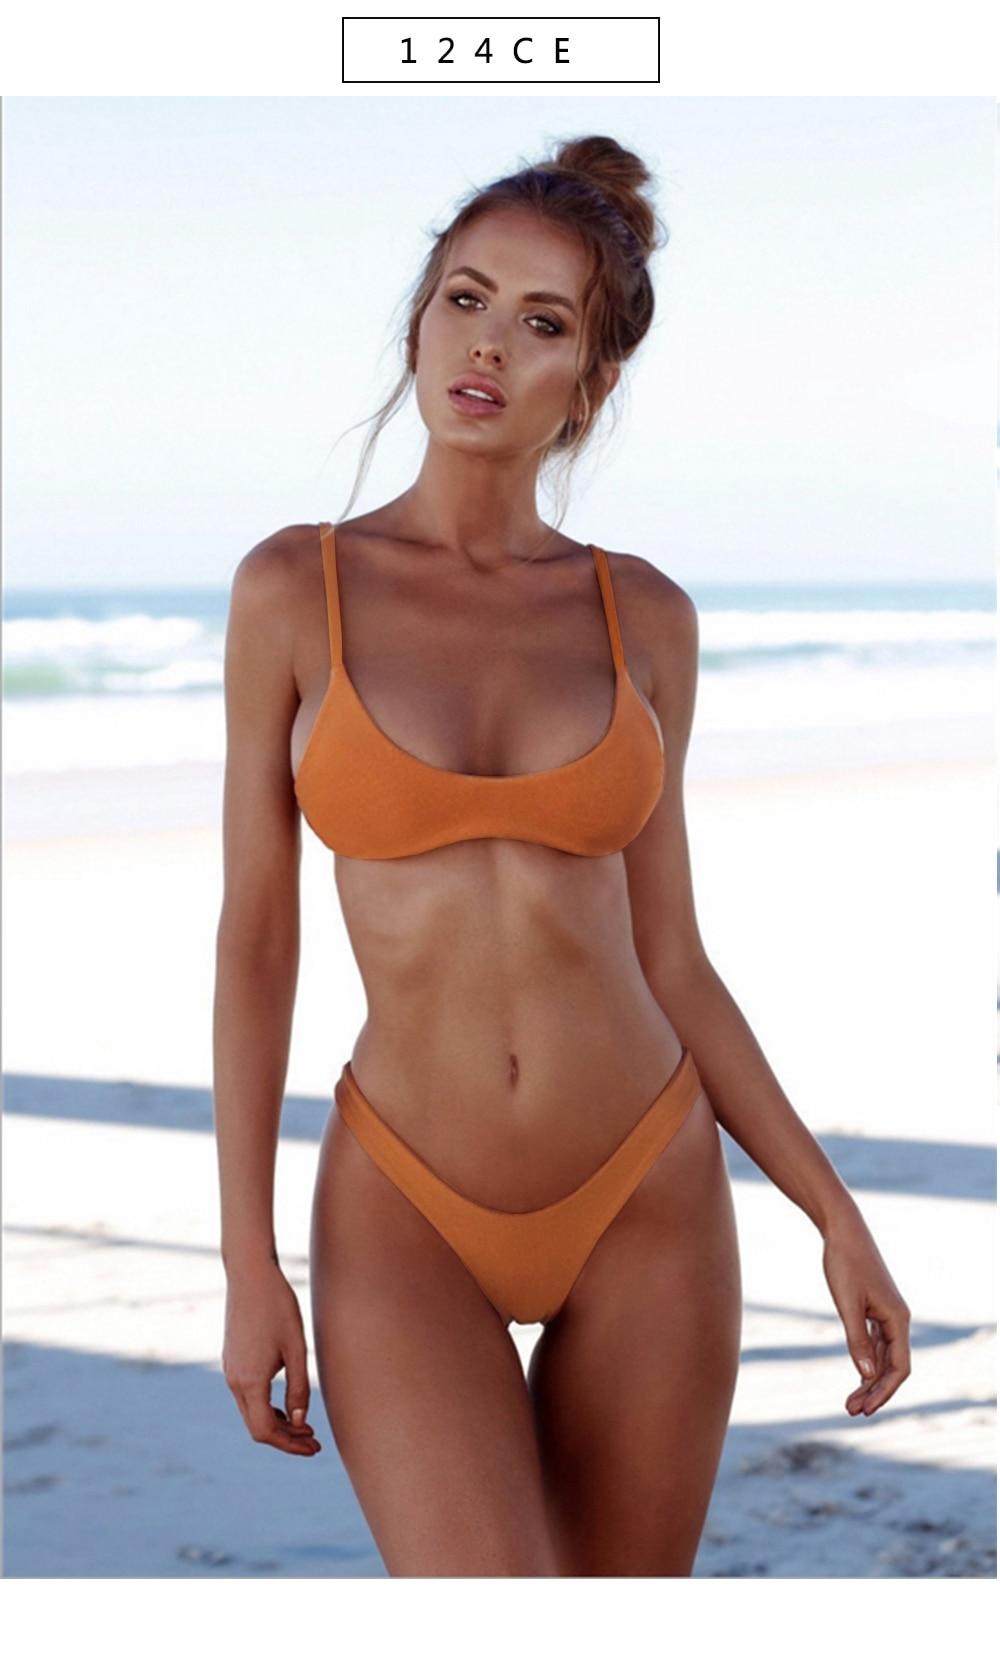 Wife in micro bikini